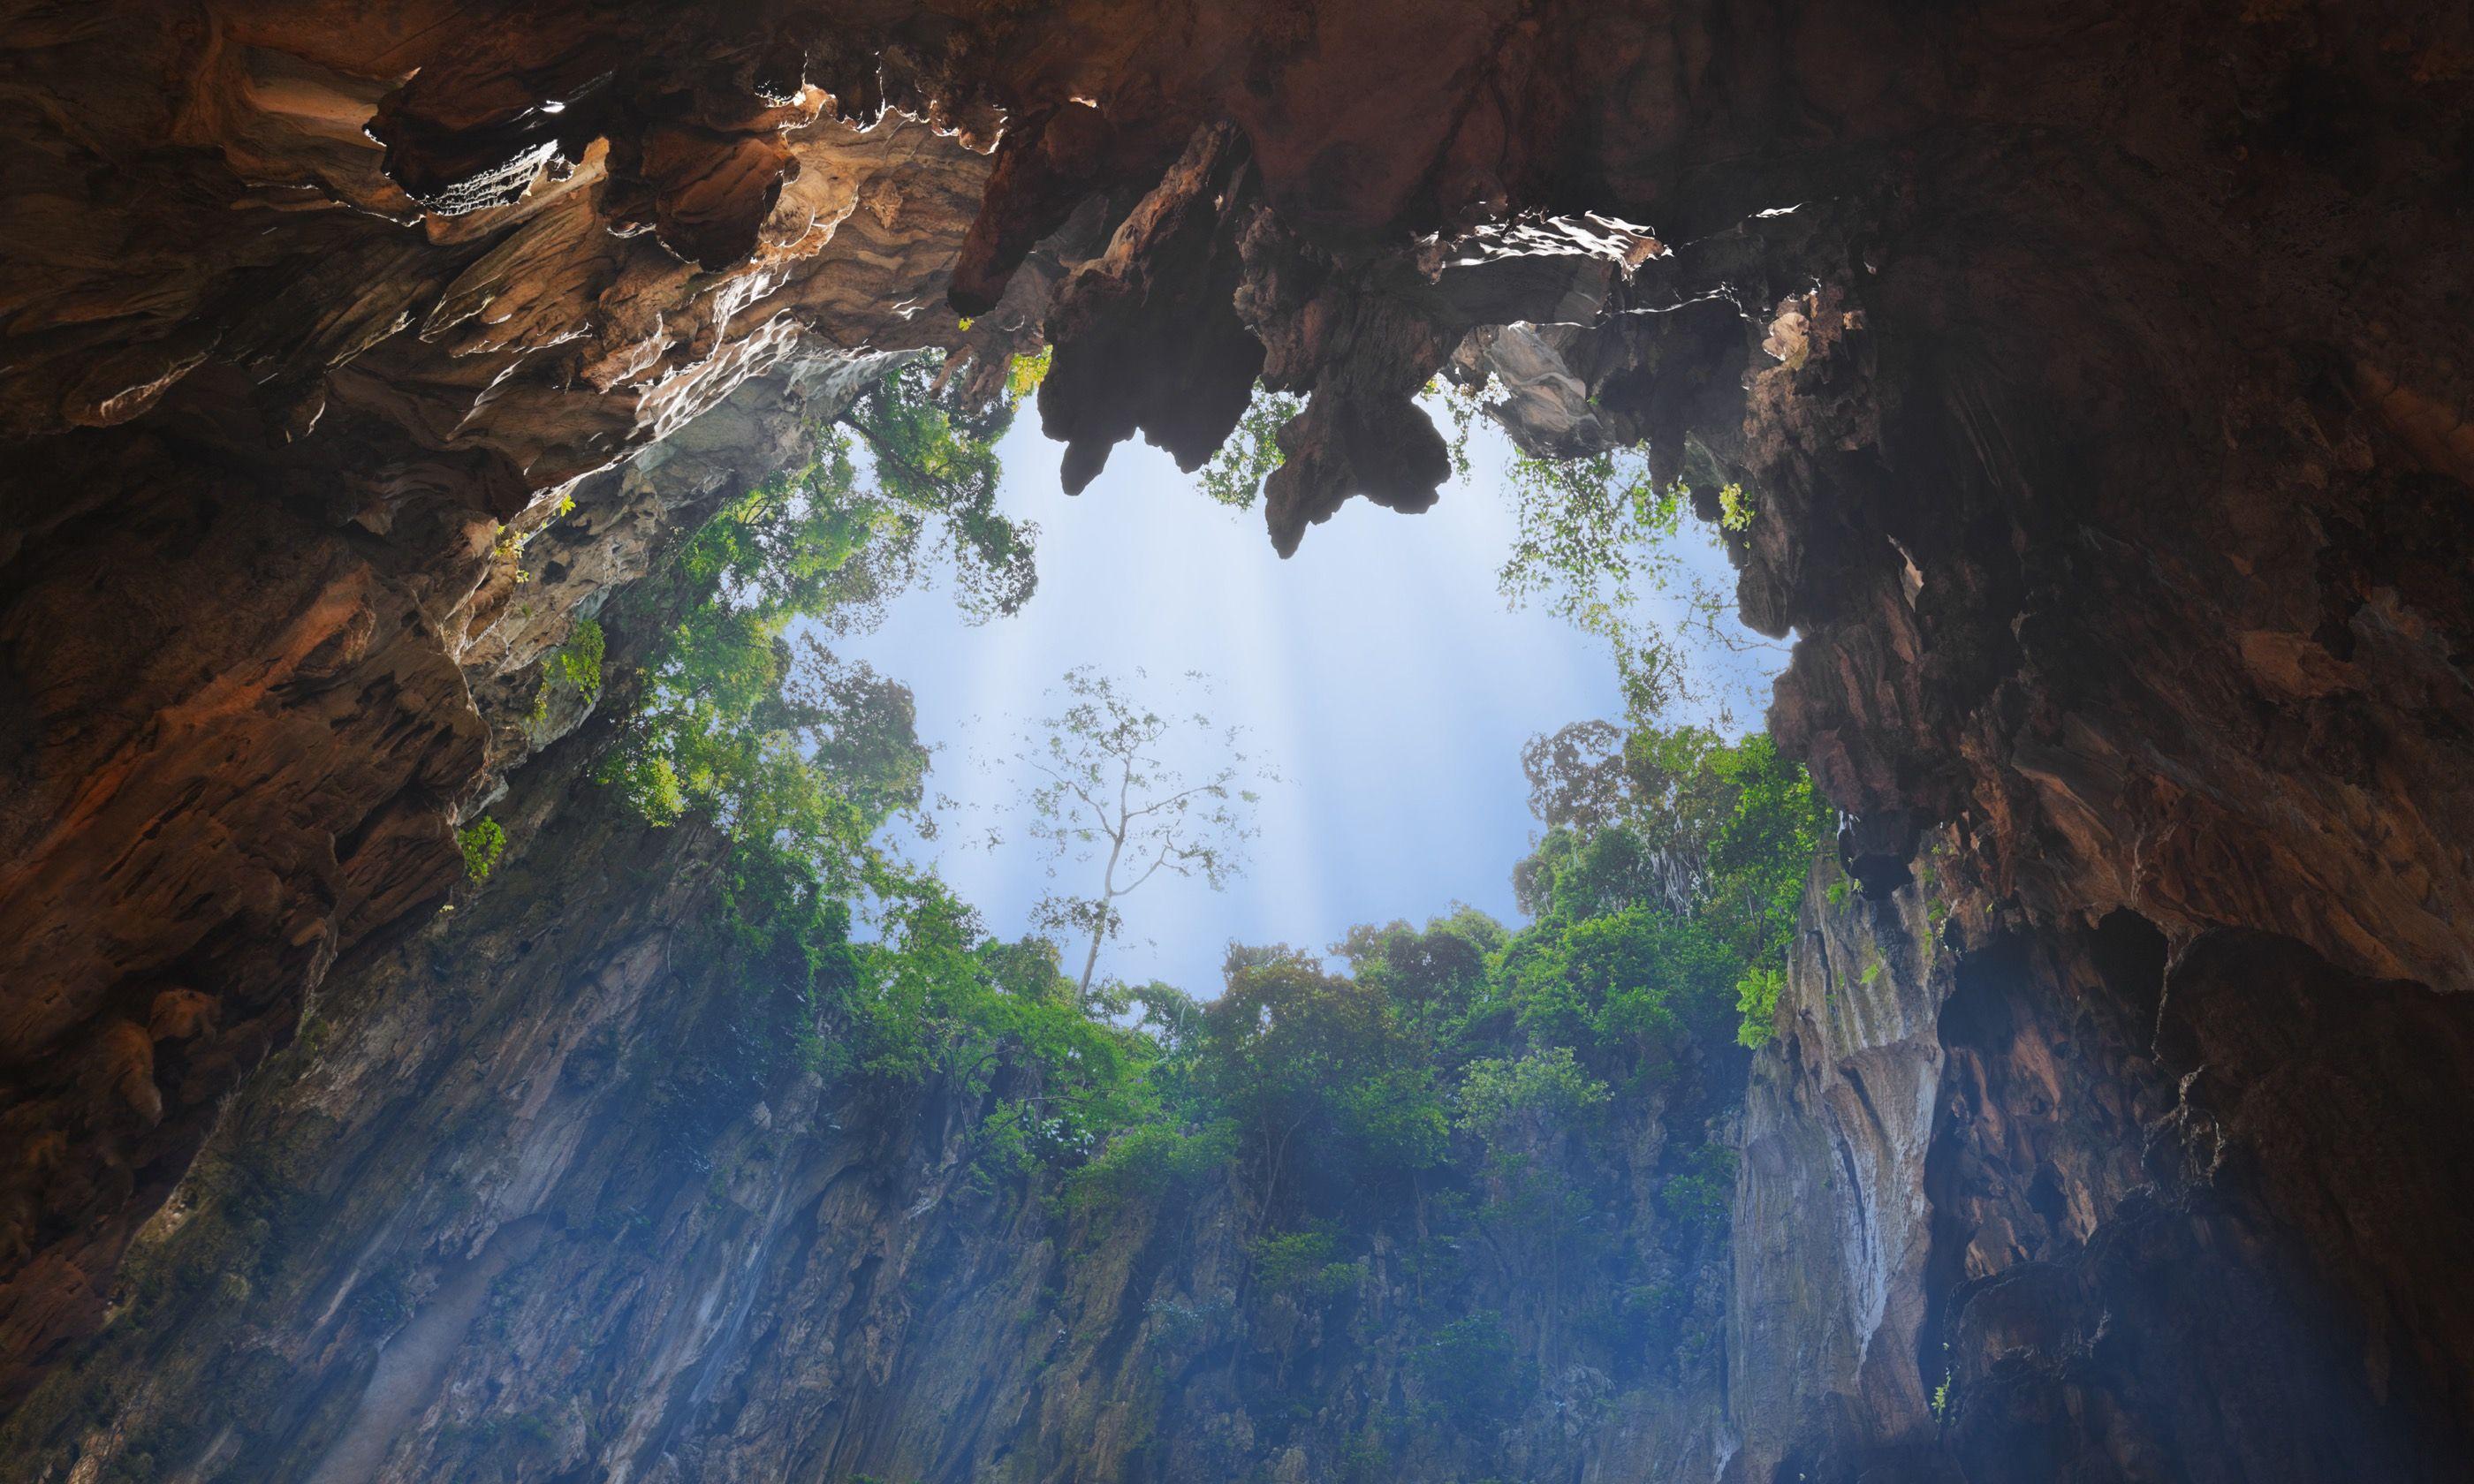 Batu Caves near Kuala Lumpur (Dreamstime)